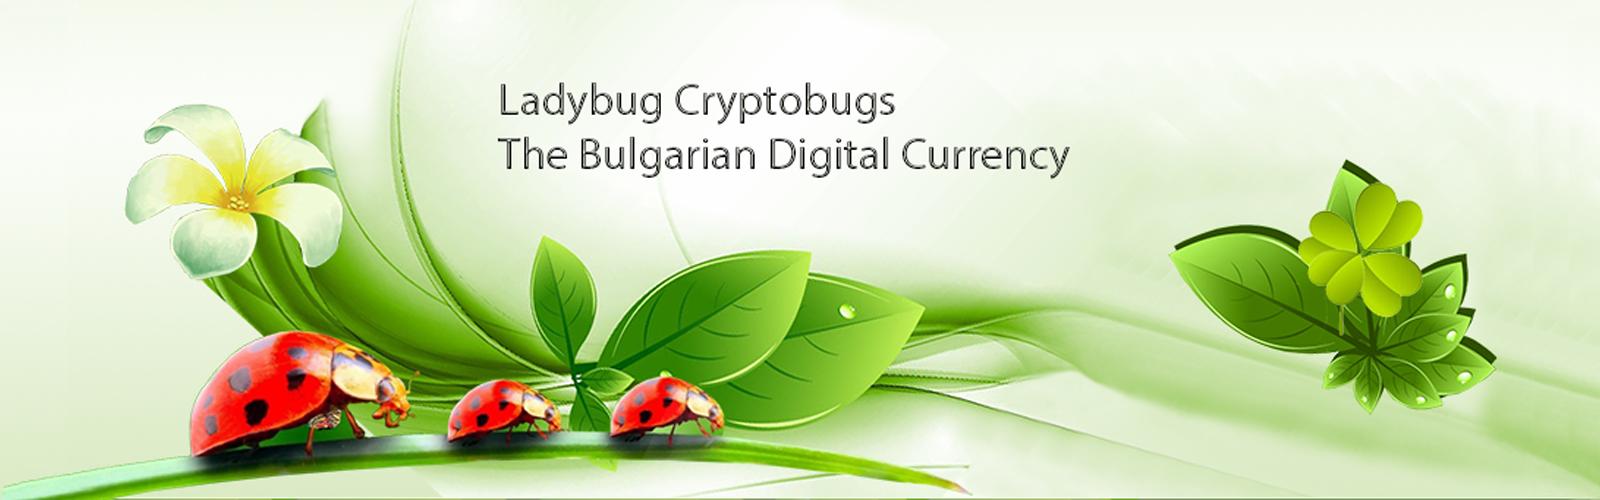 Ladybug cryptobugs